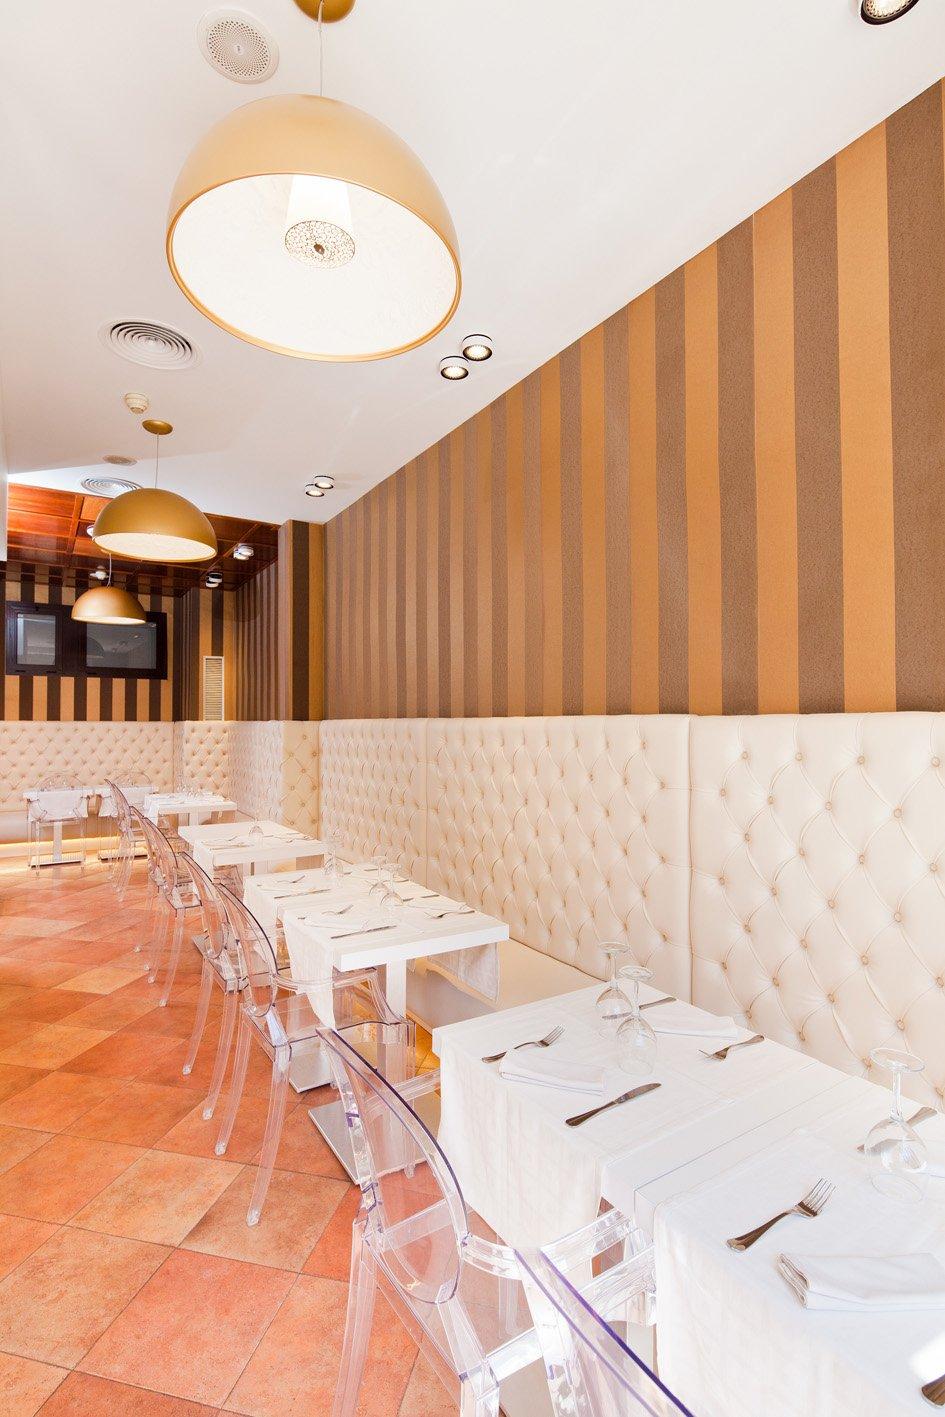 hotel_la_fontnombre_del_documento_7-fd19af6800b9b80b0307762321830e99